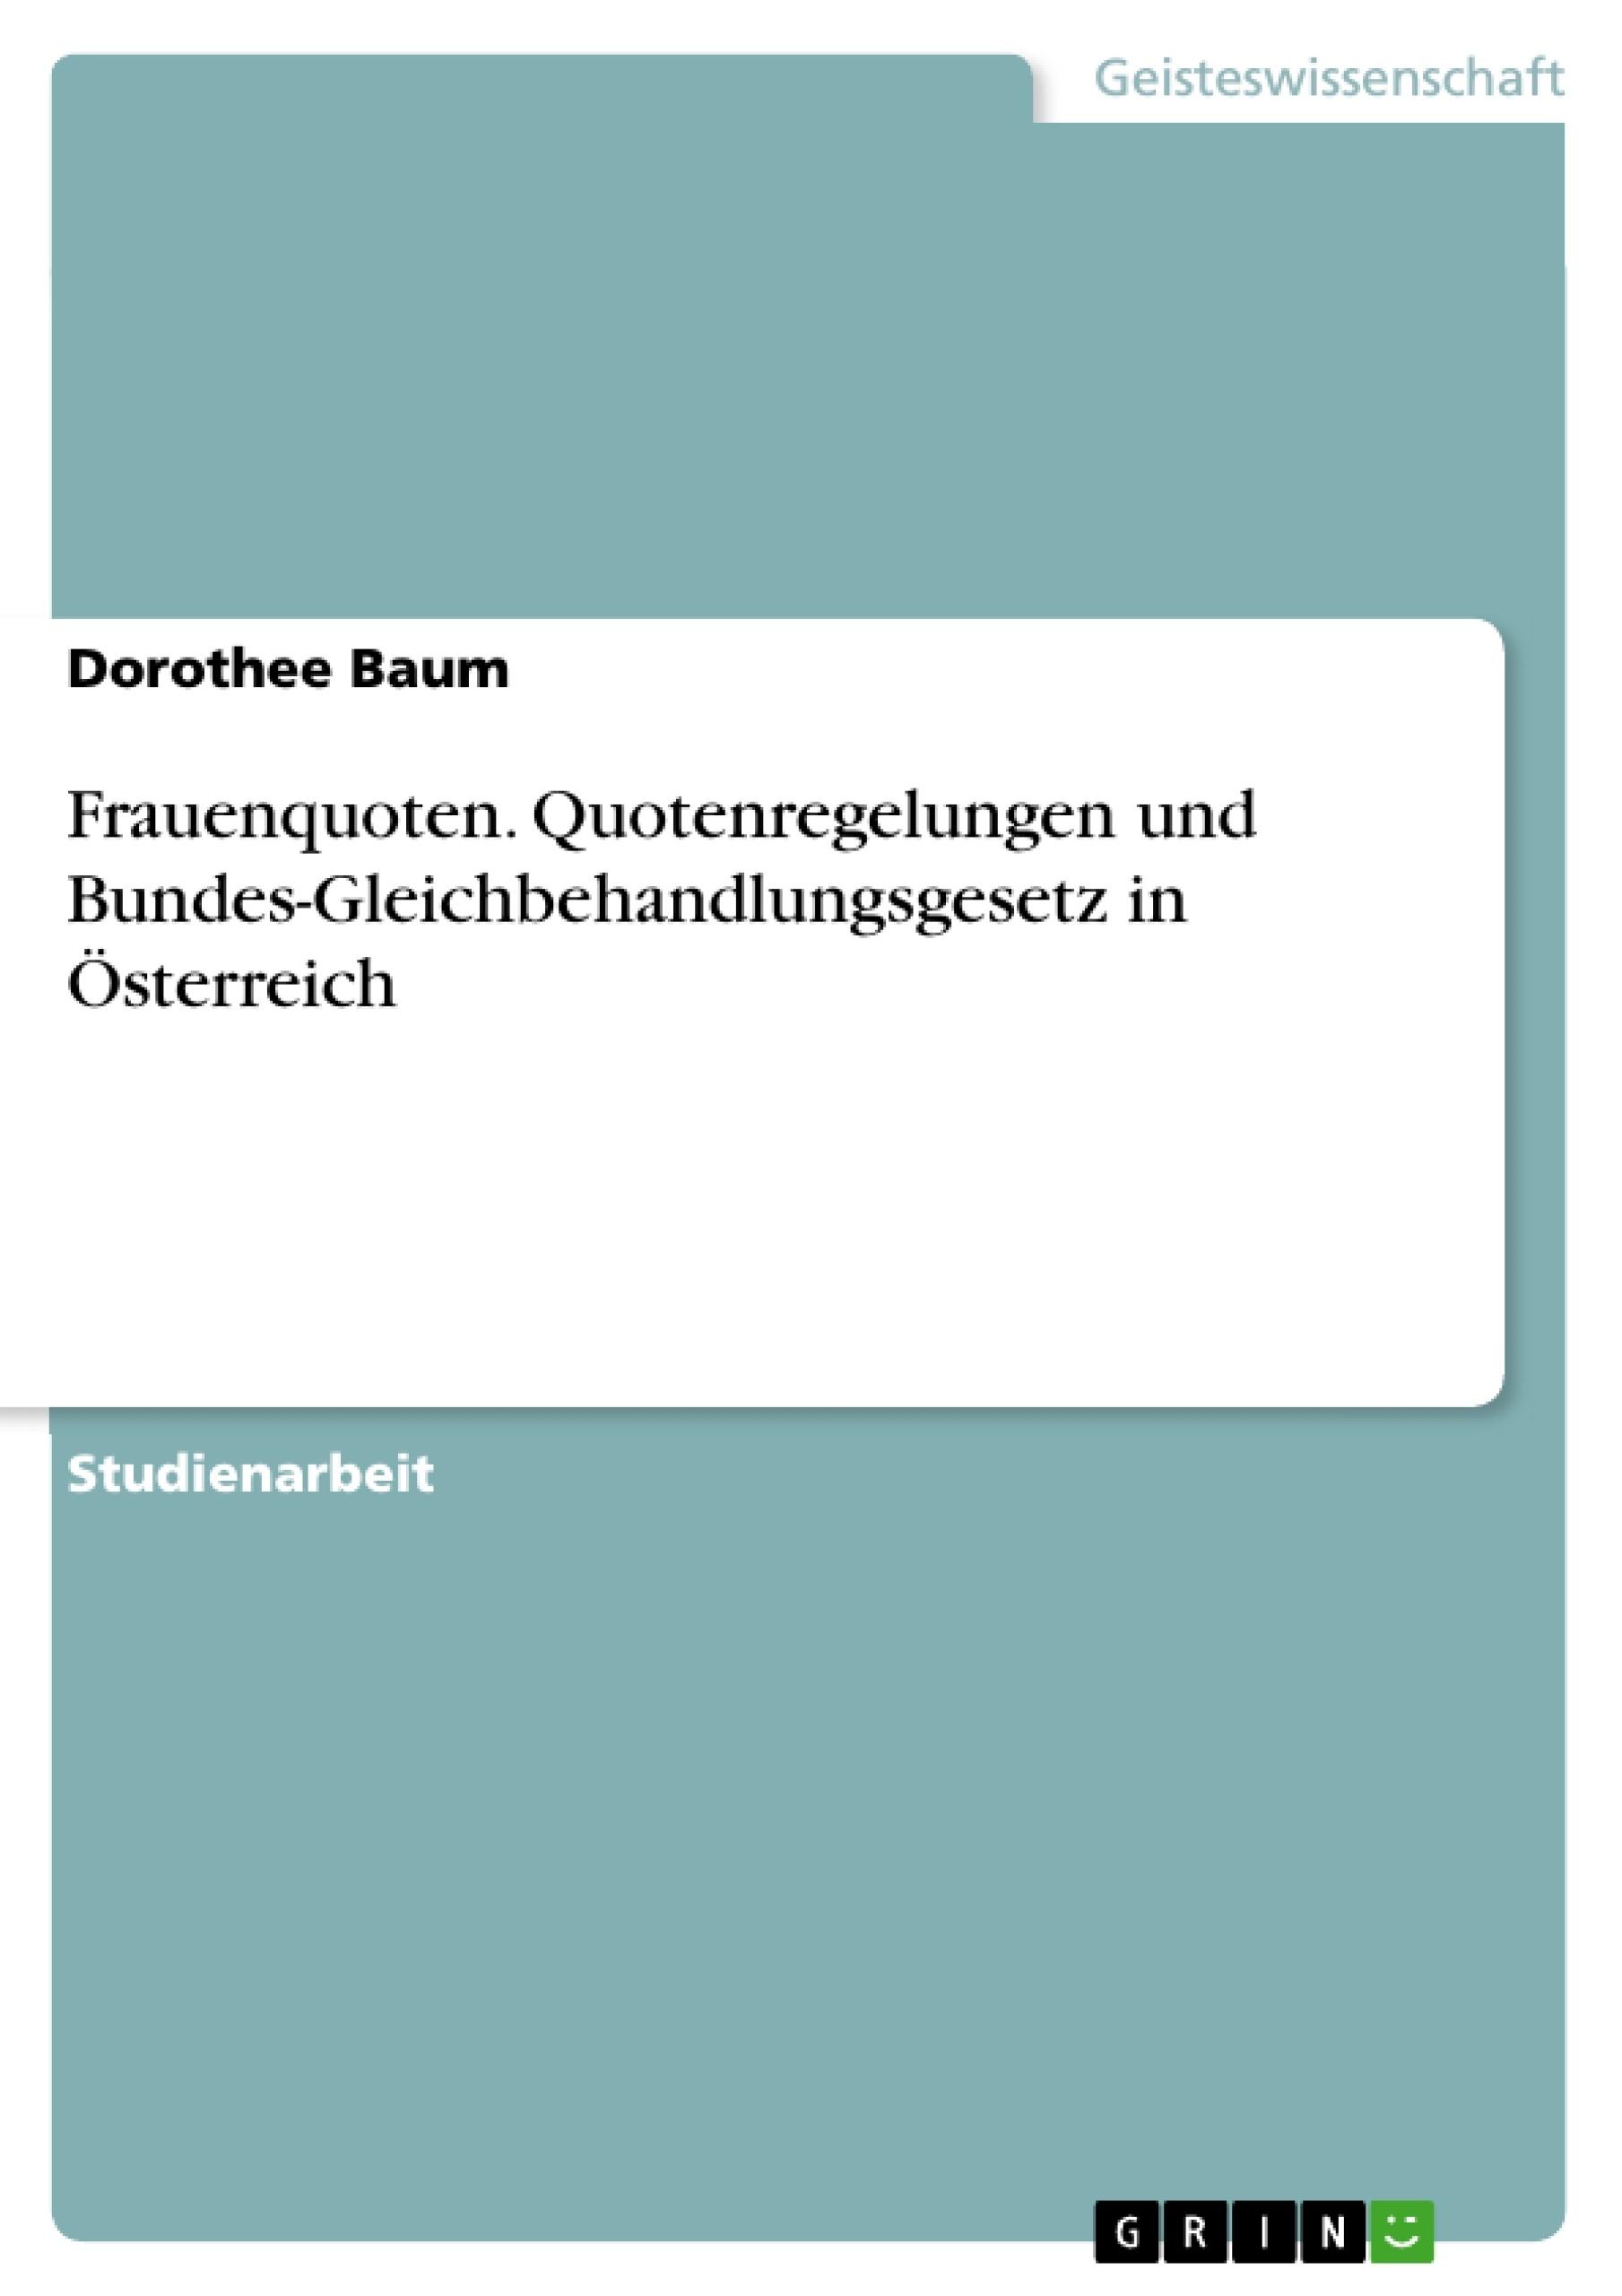 Titel: Frauenquoten. Quotenregelungen und Bundes-Gleichbehandlungsgesetz in Österreich